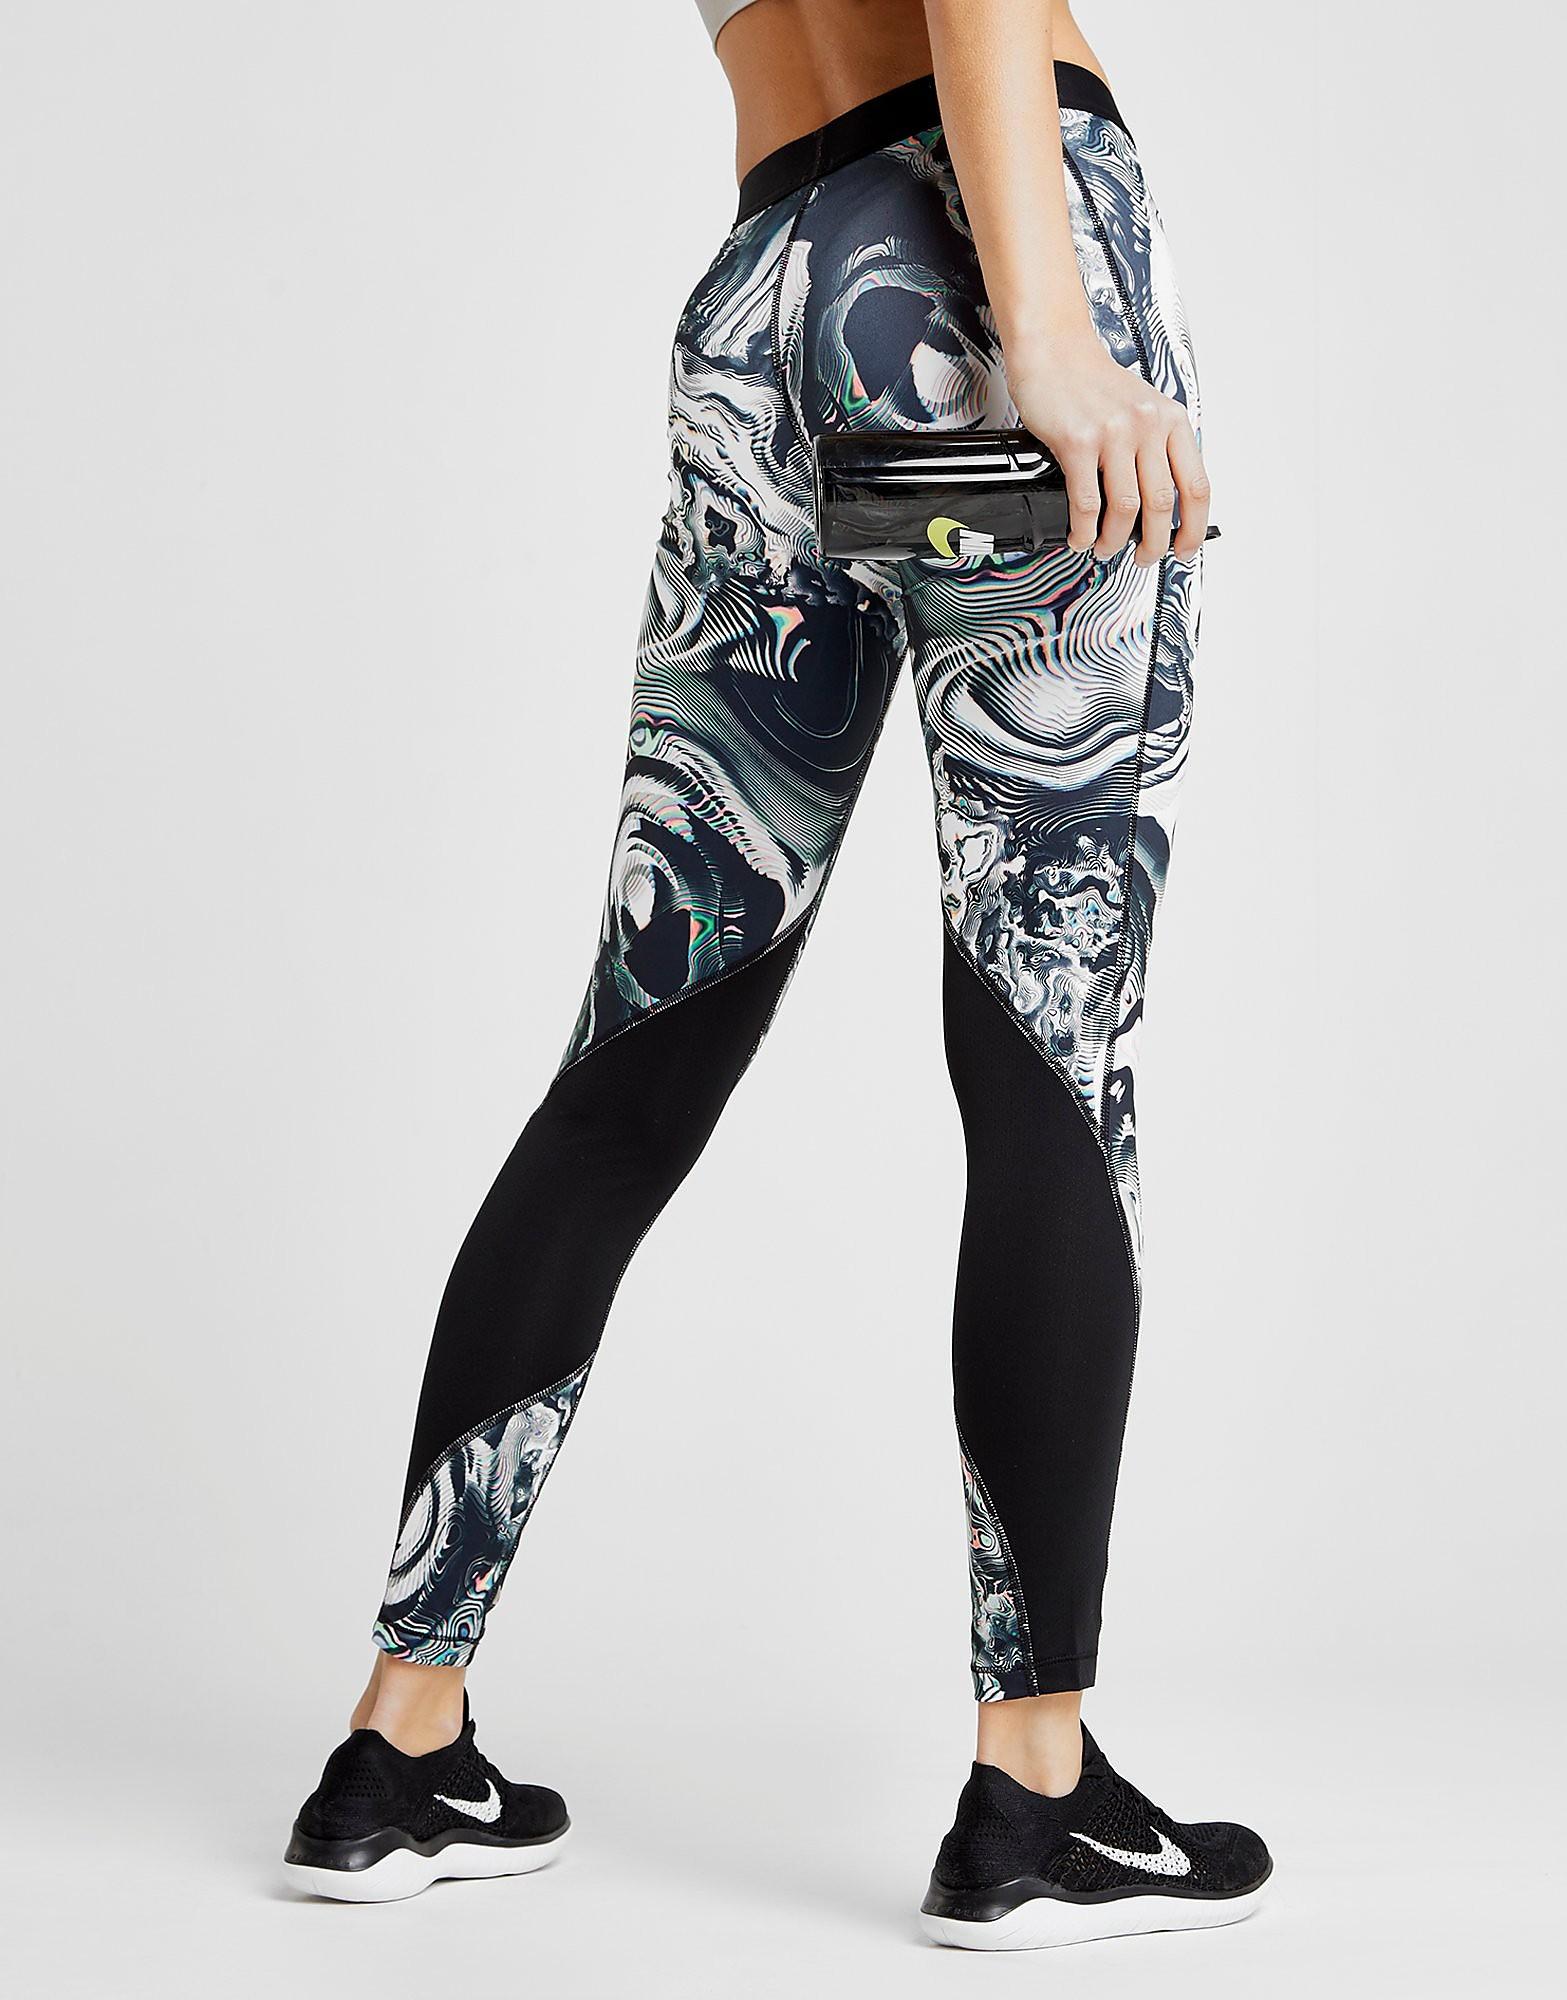 Nike Leggings  Marble Pro Femme